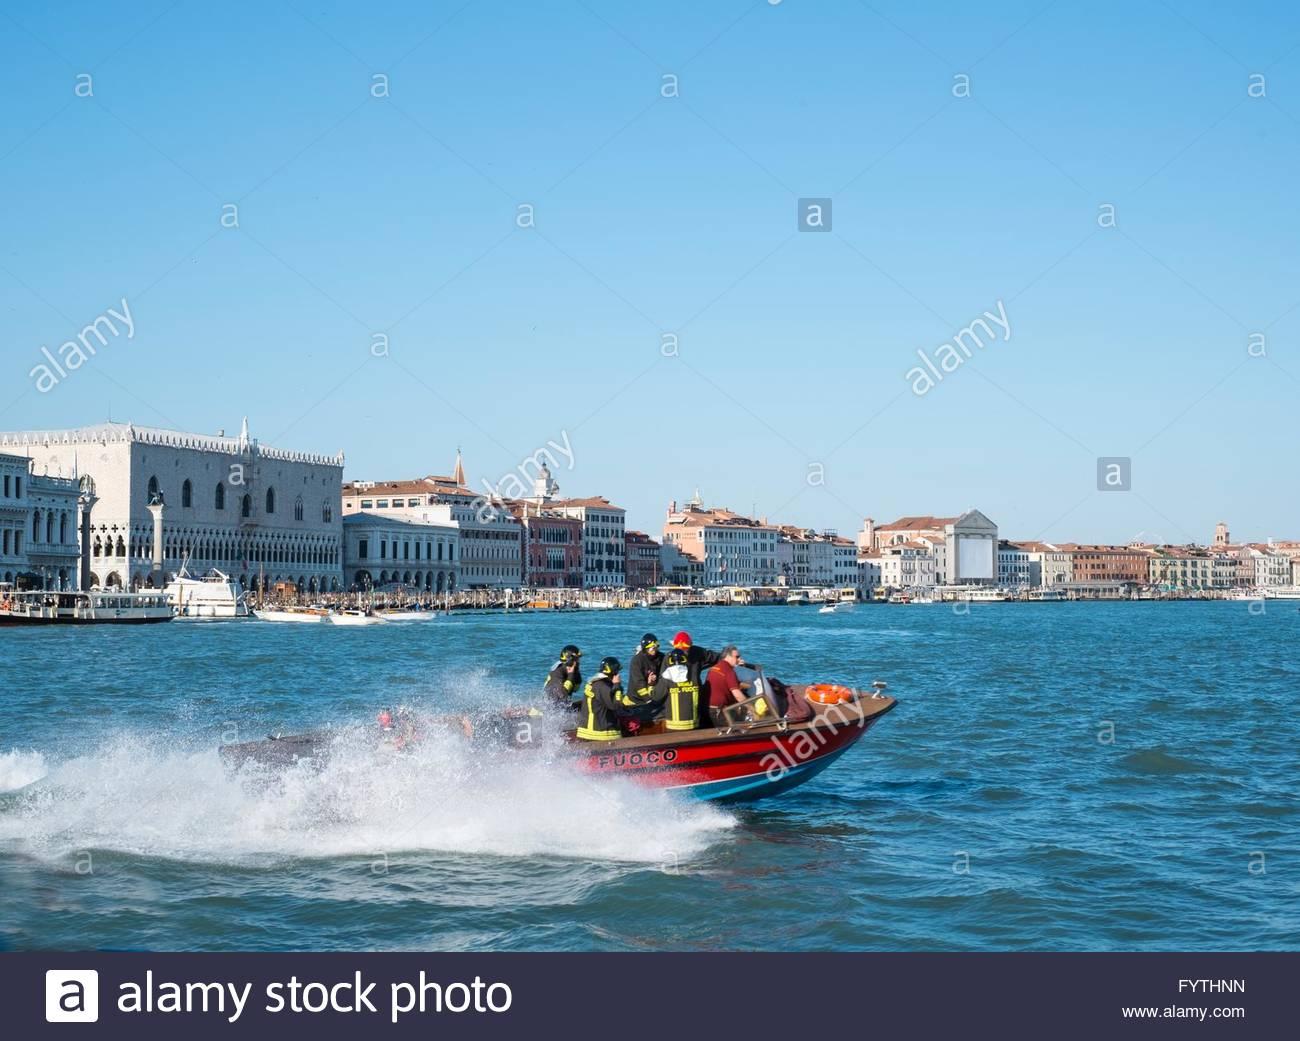 Barca di fuoco di risposta a una chiamata, Venezia, Italia, Aprile. Immagini Stock